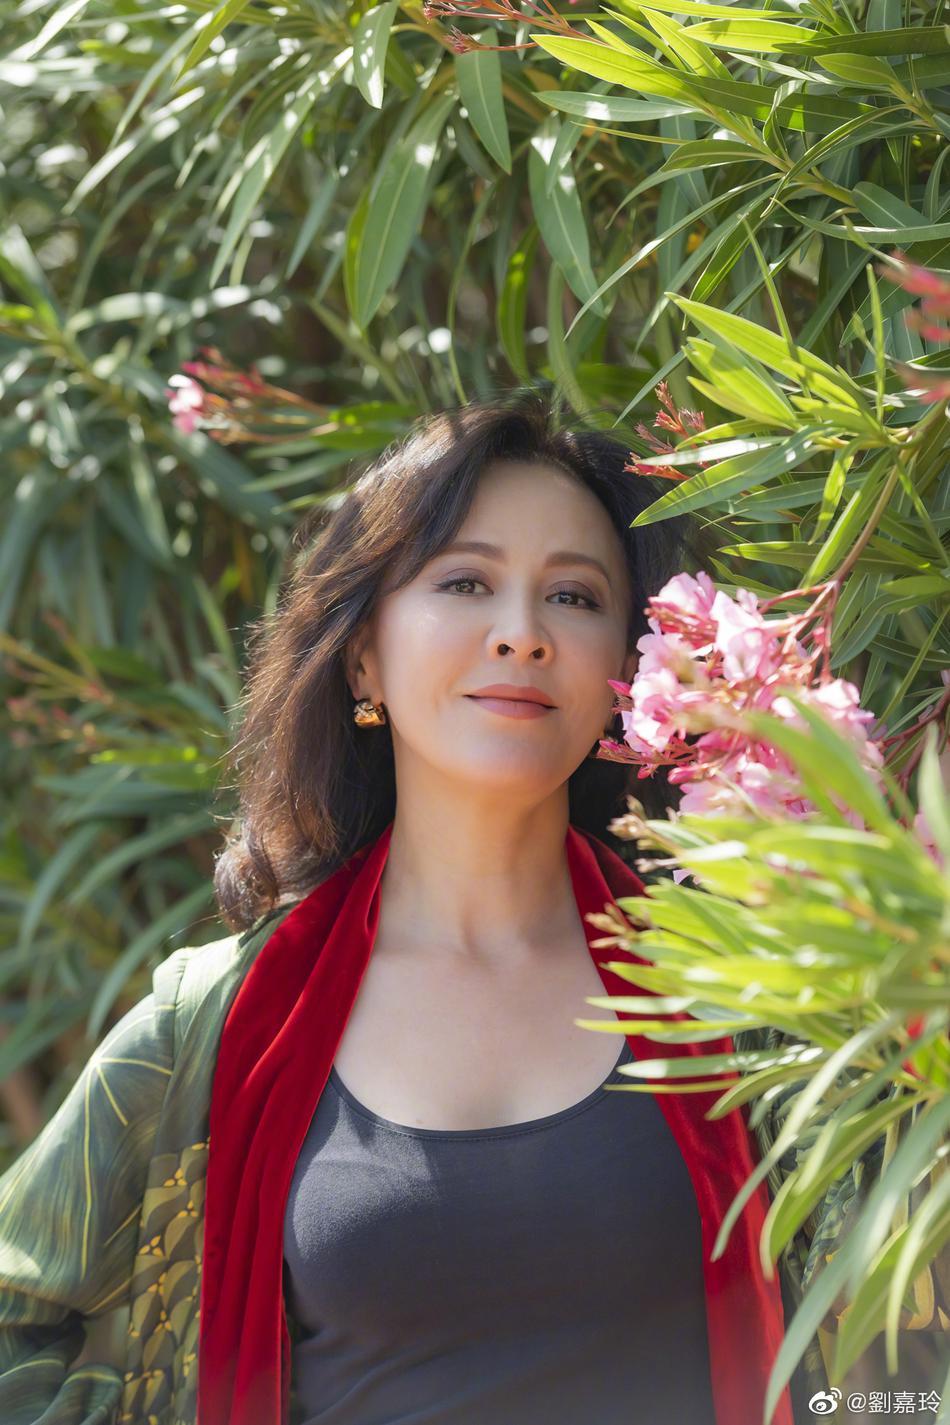 刘嘉玲躲在鲜花后面